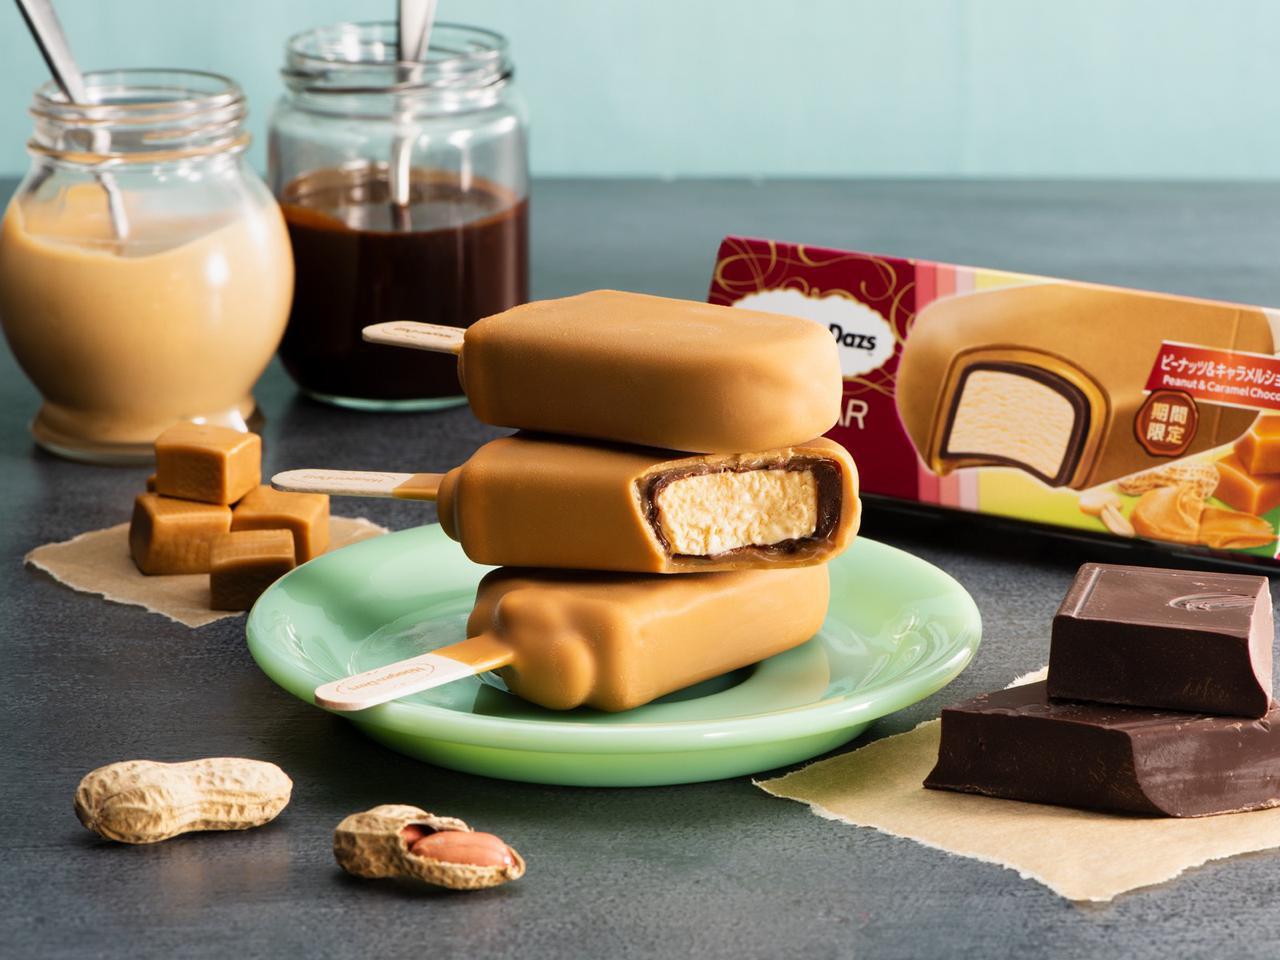 画像2: ハーゲンダッツ新作は「ピーナッツ&キャラメルショコラ」